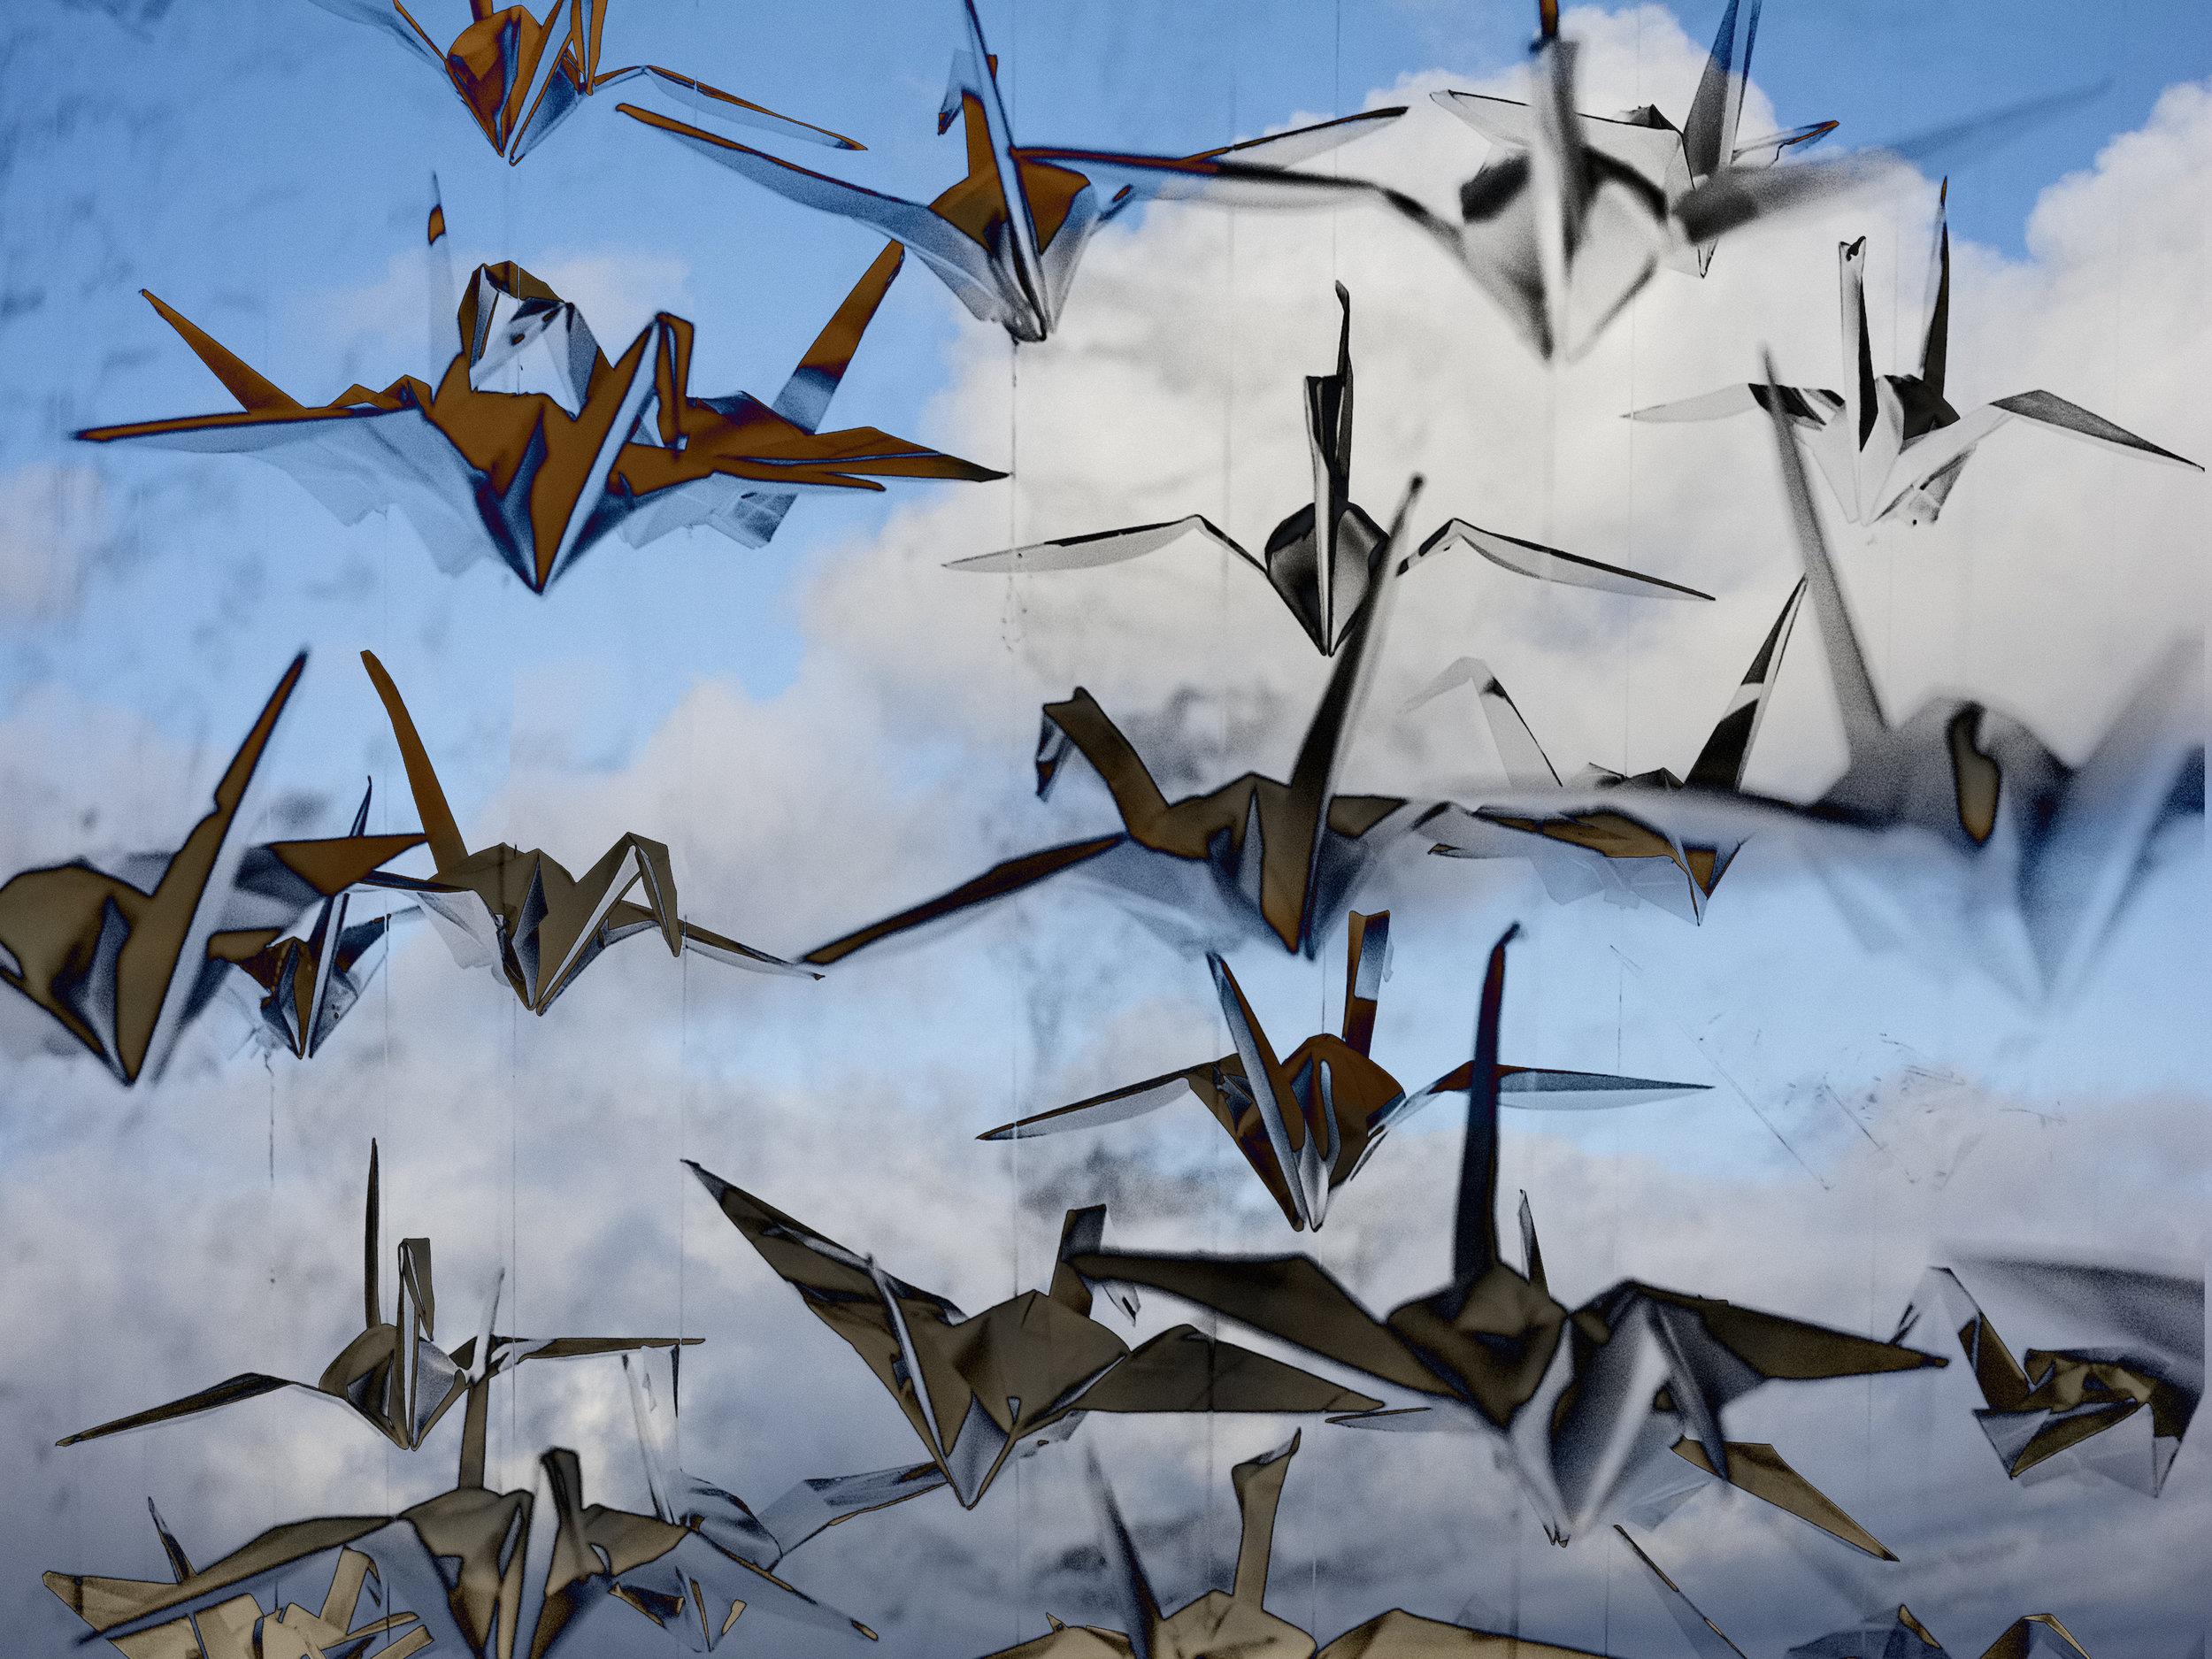 Origami Stork Flight